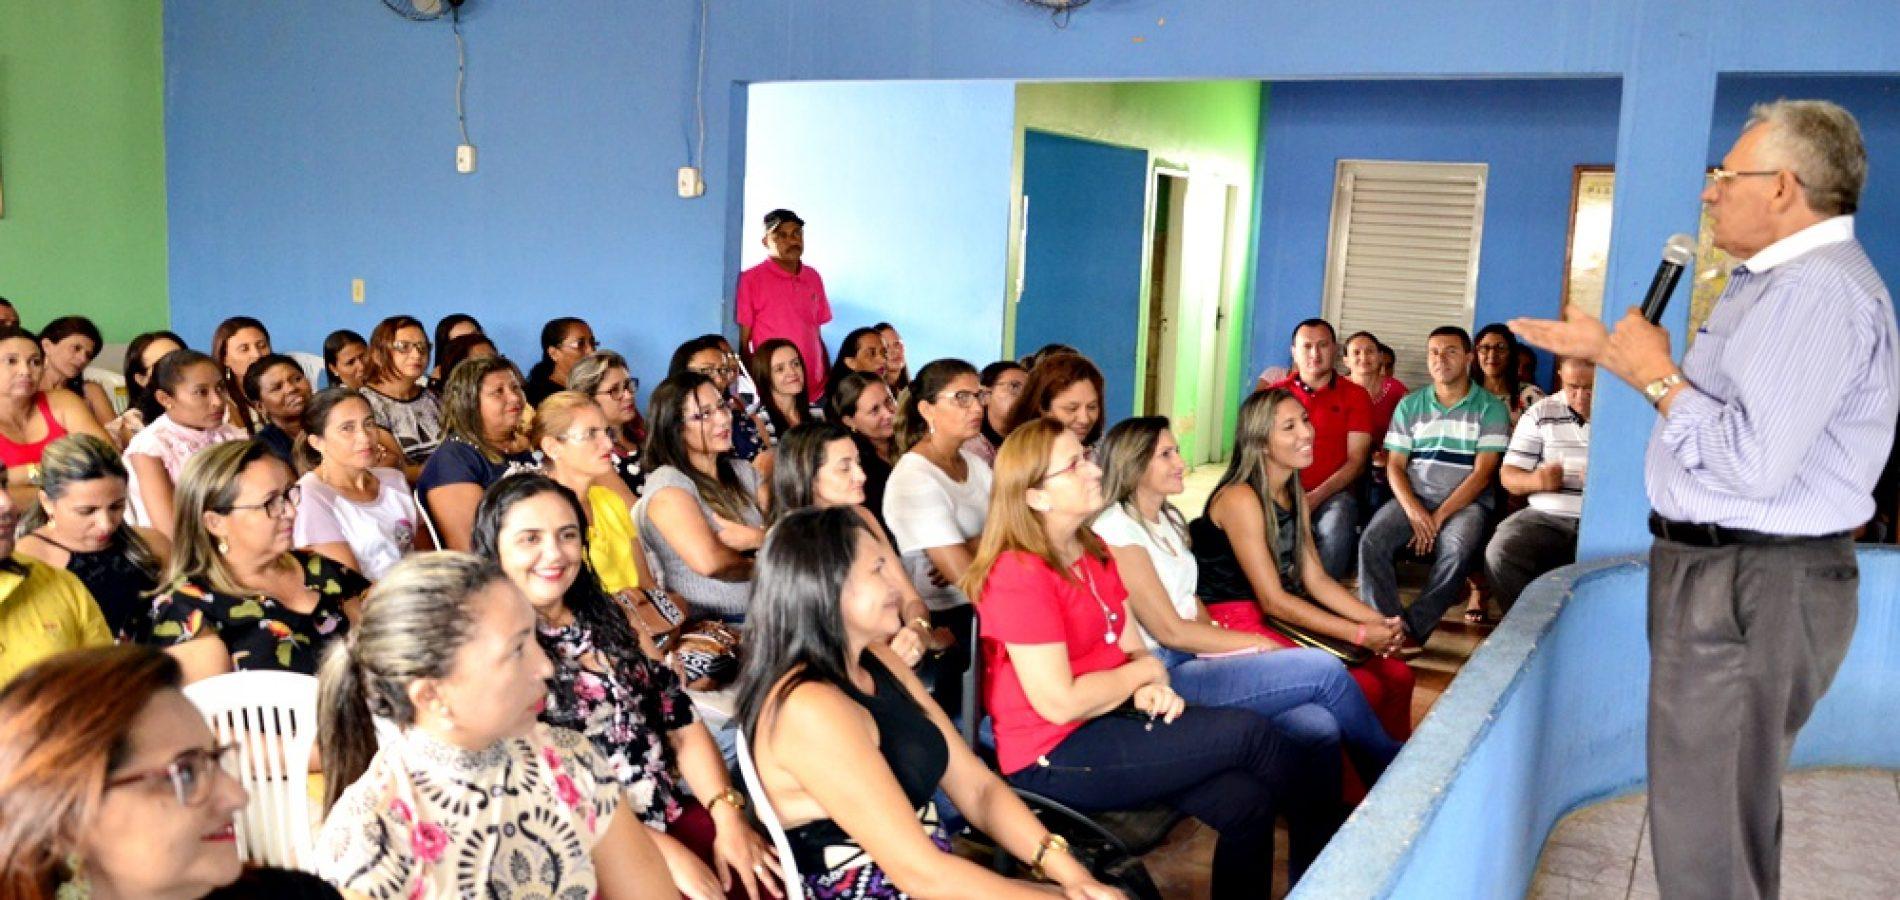 Palestra com o Dr. Gildásio Guedes abre o ano letivo em Massapê do Piauí